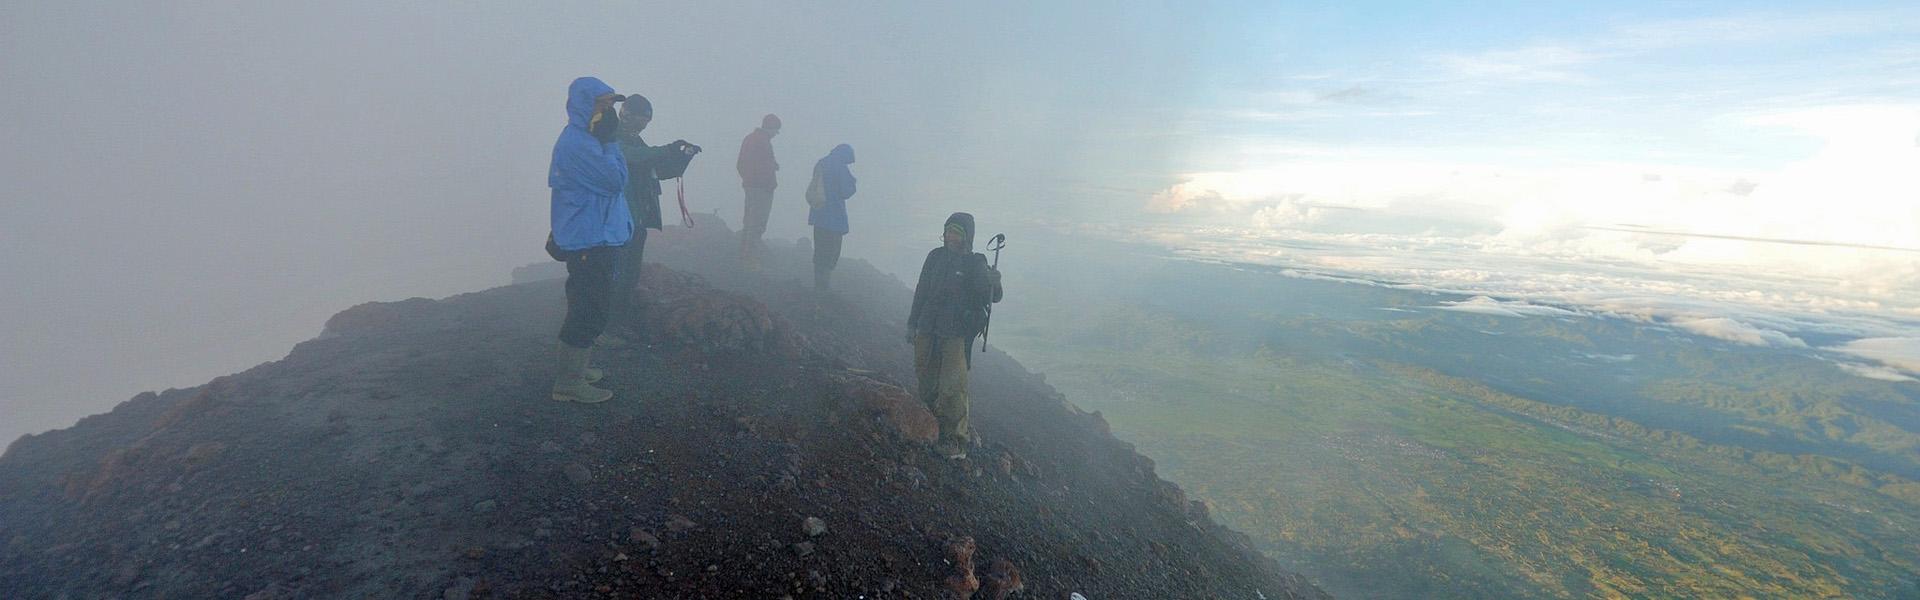 Mt Kerinci summit, Sumatra, Indonesia